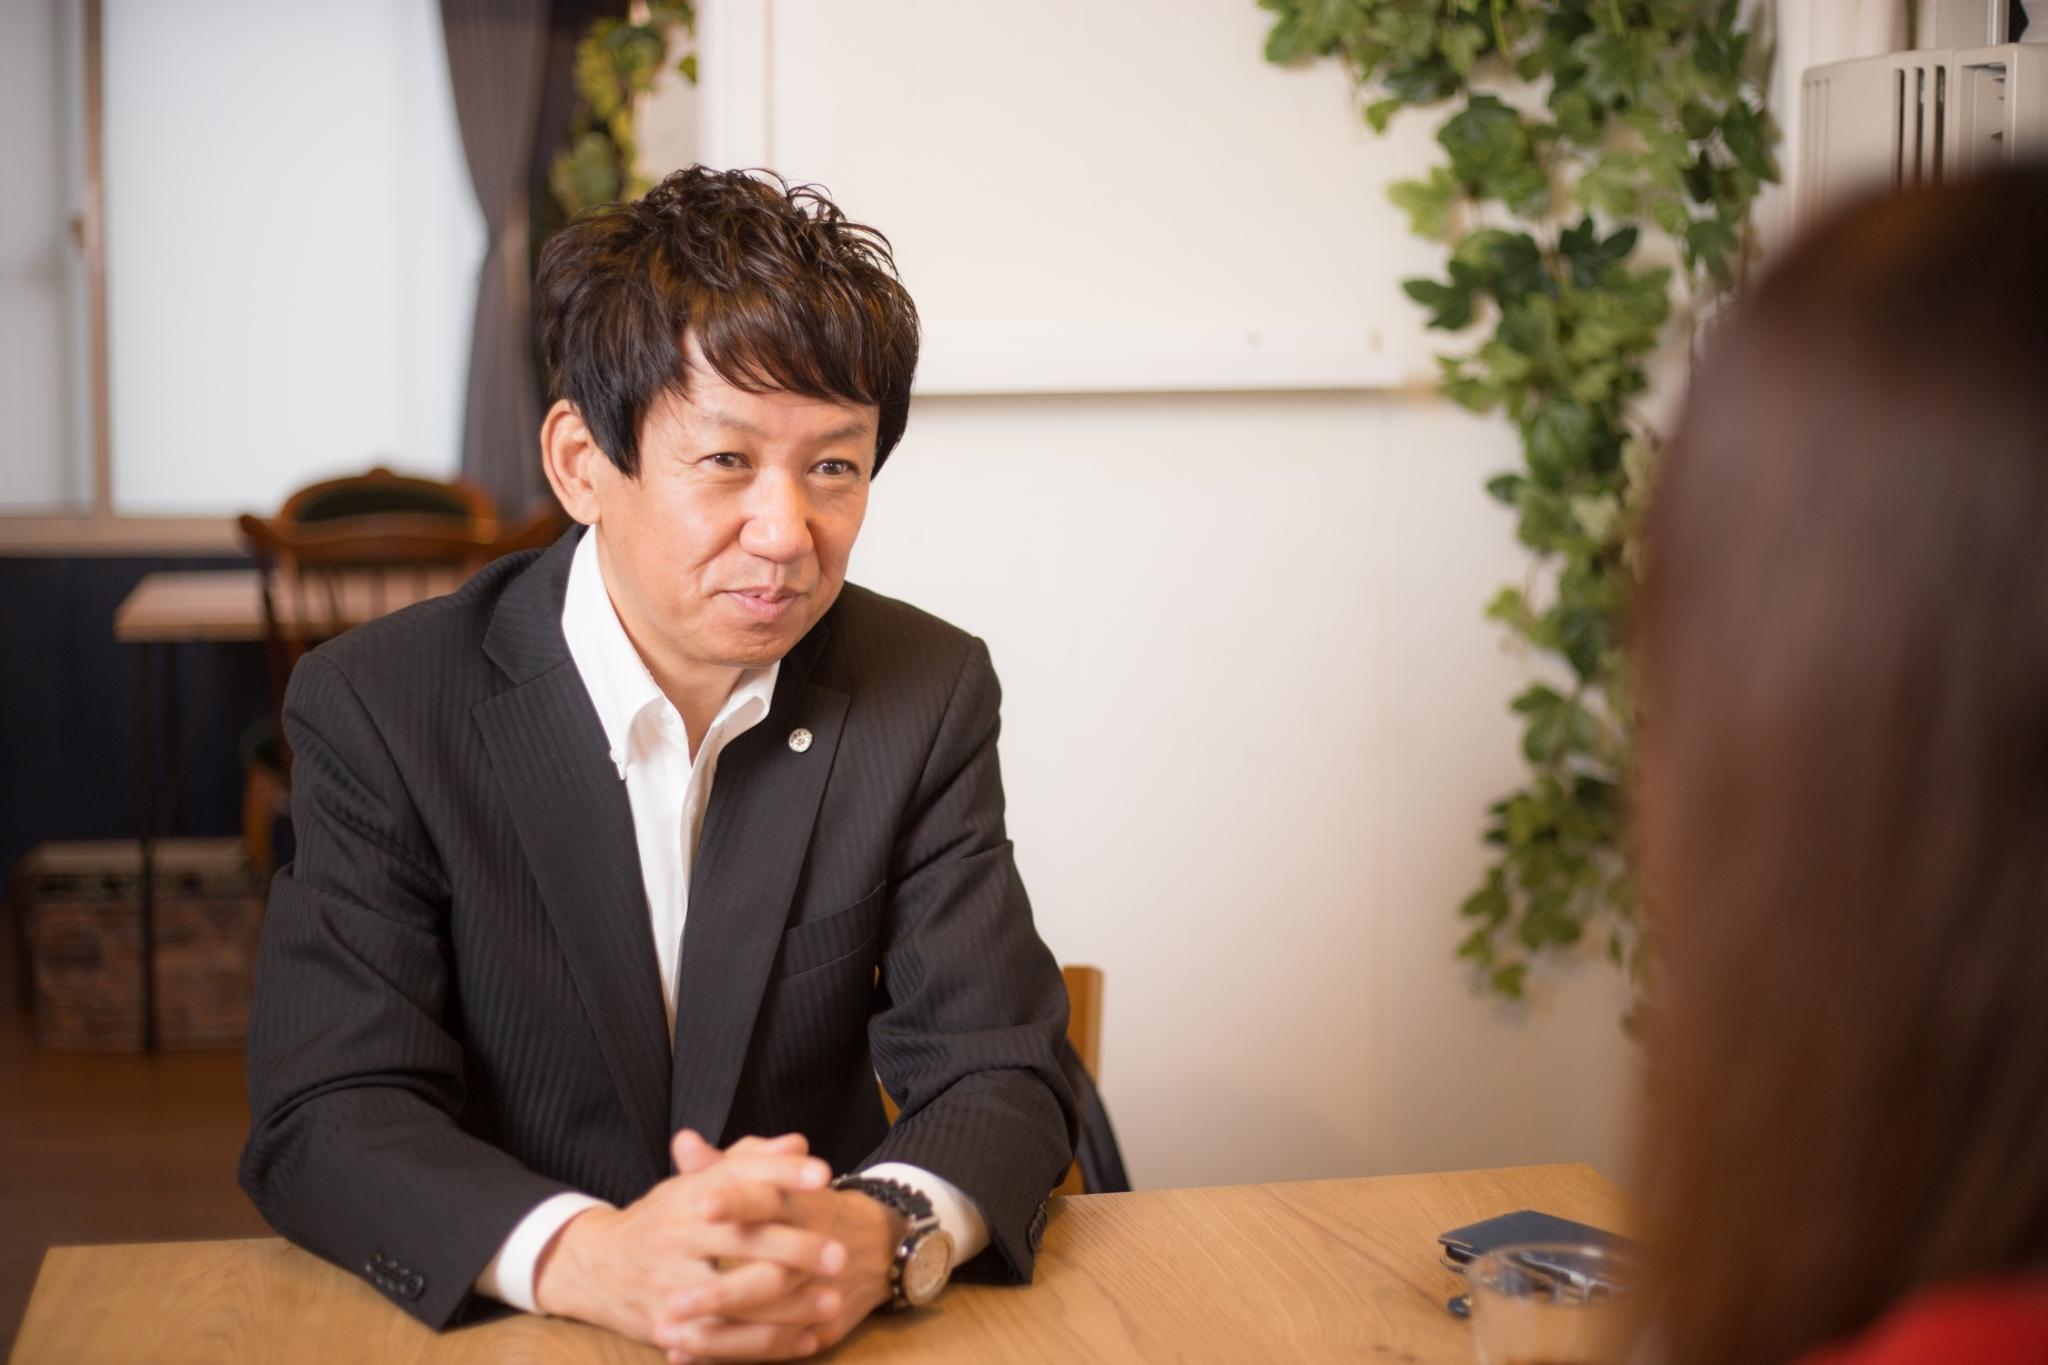 佐々木彰彦 一般社団法人 日本集客研究所代表理事 経営コンサルタント/婚活カウンセラー